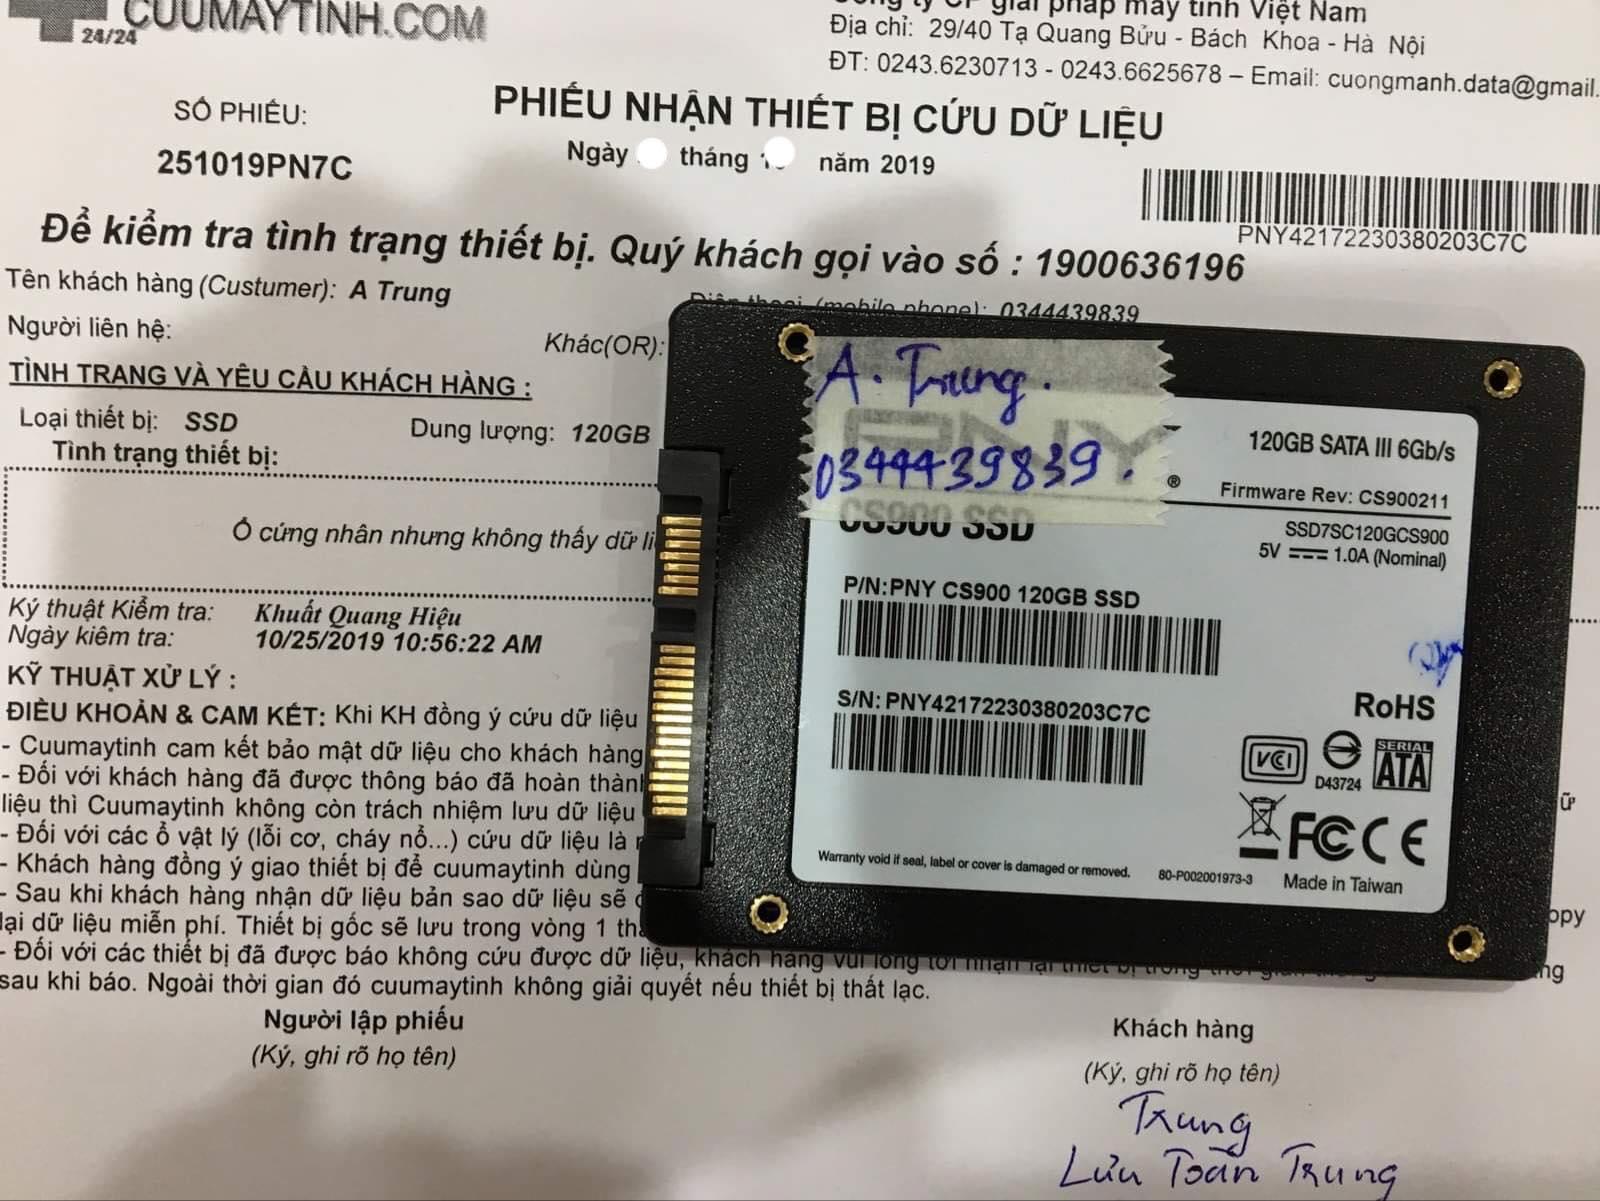 Cứu dữ liệu ổ cứng SSD PNY 120GB mất dữ liệu 05/11/2019 - cuumaytinh